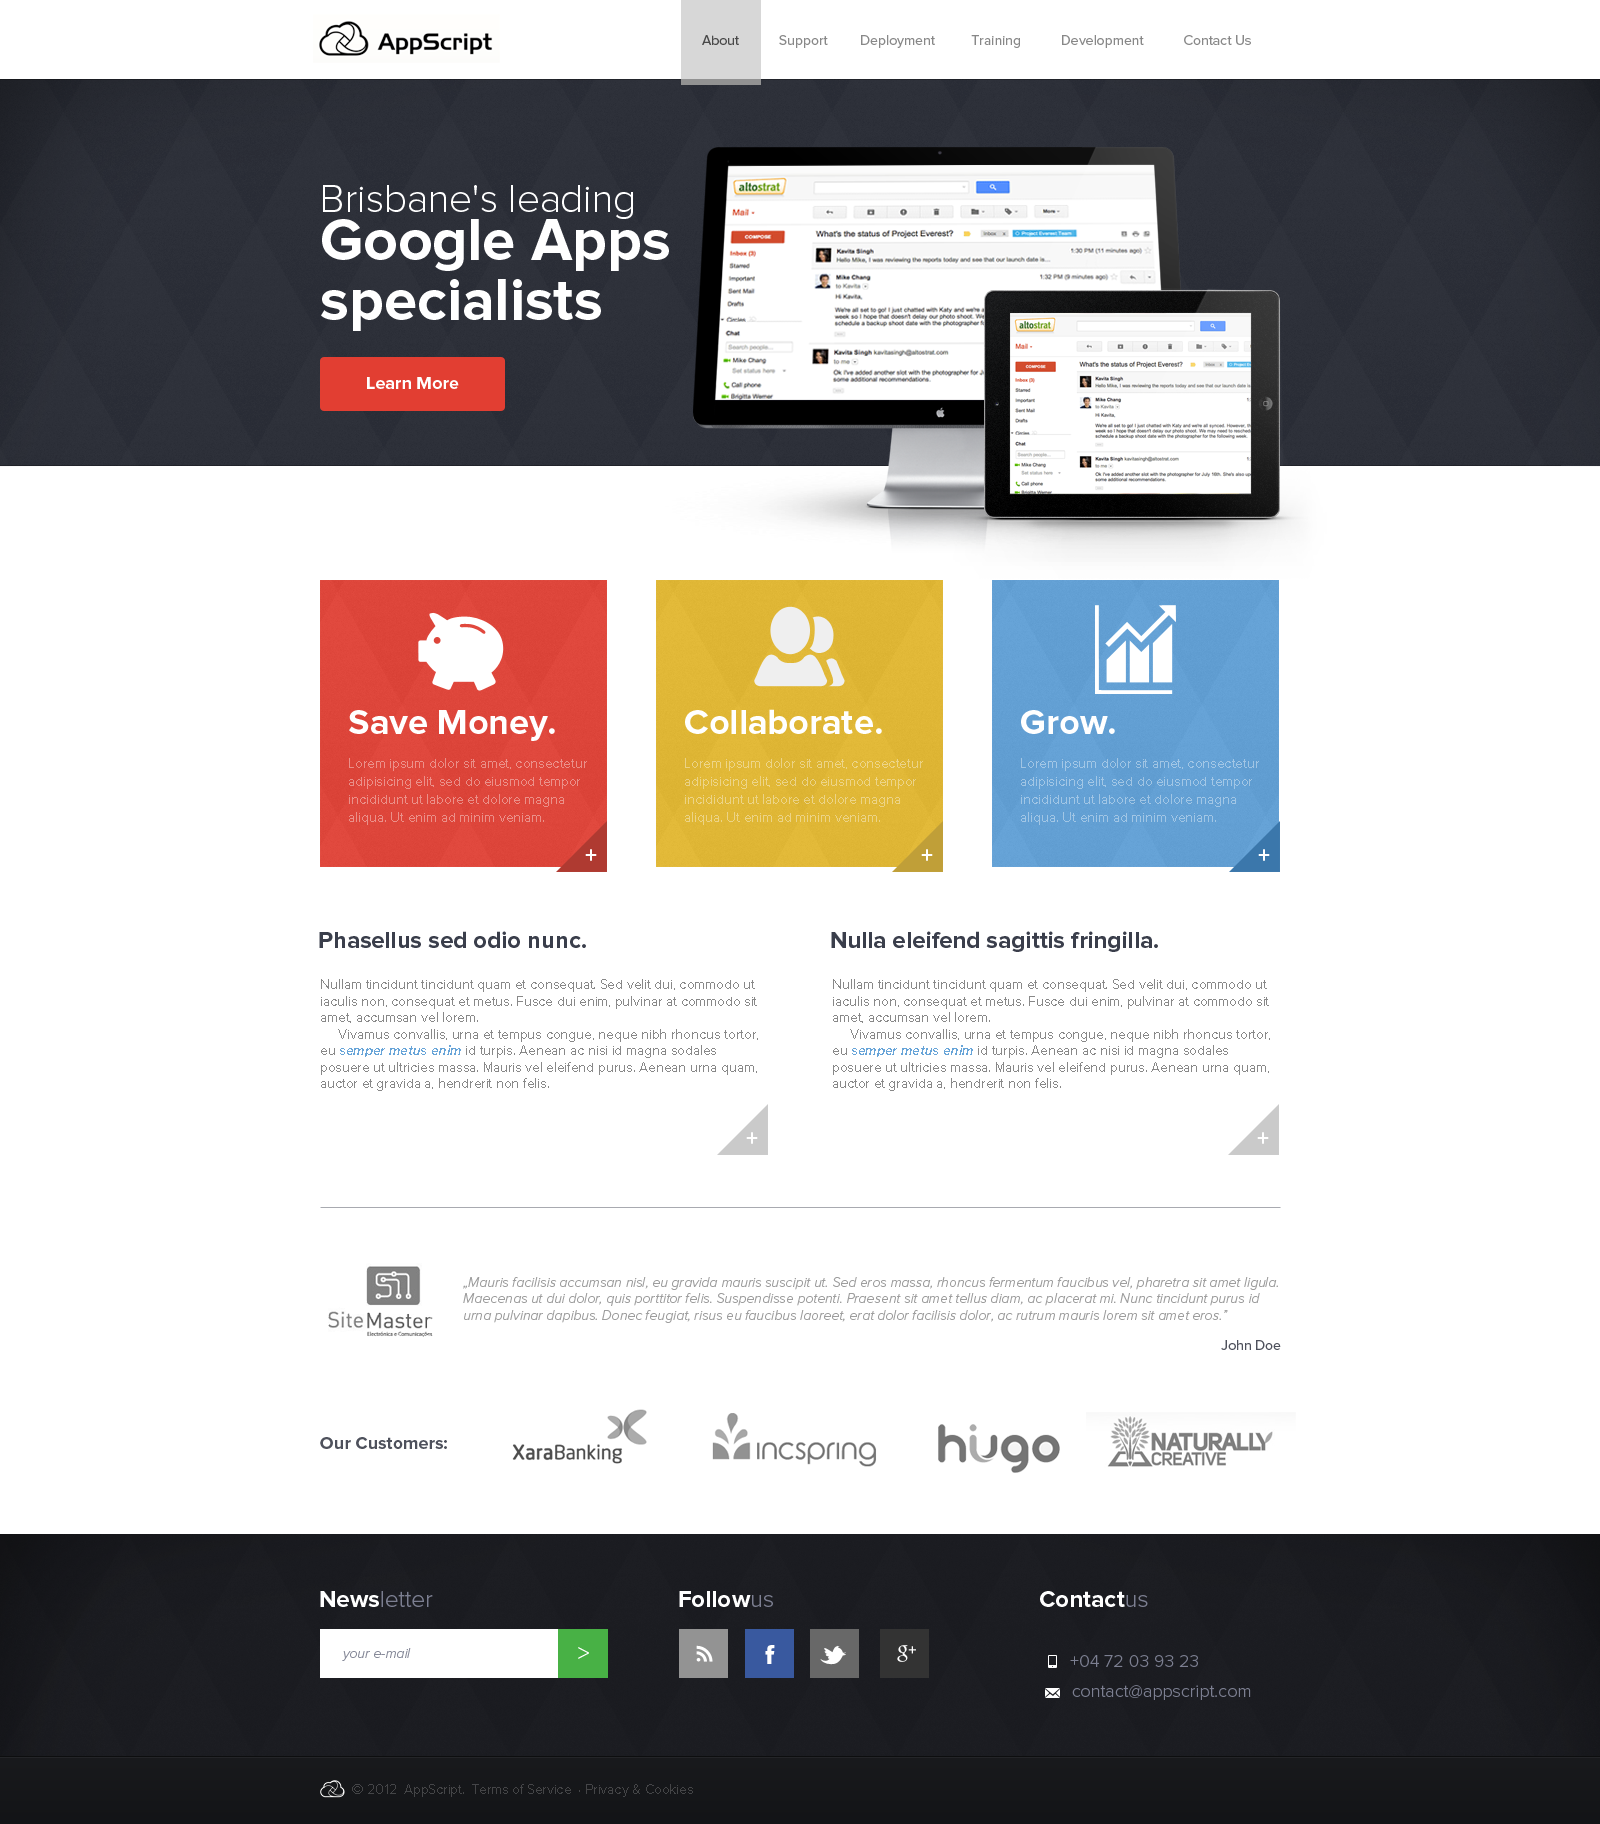 AppScript - Cloud Services company